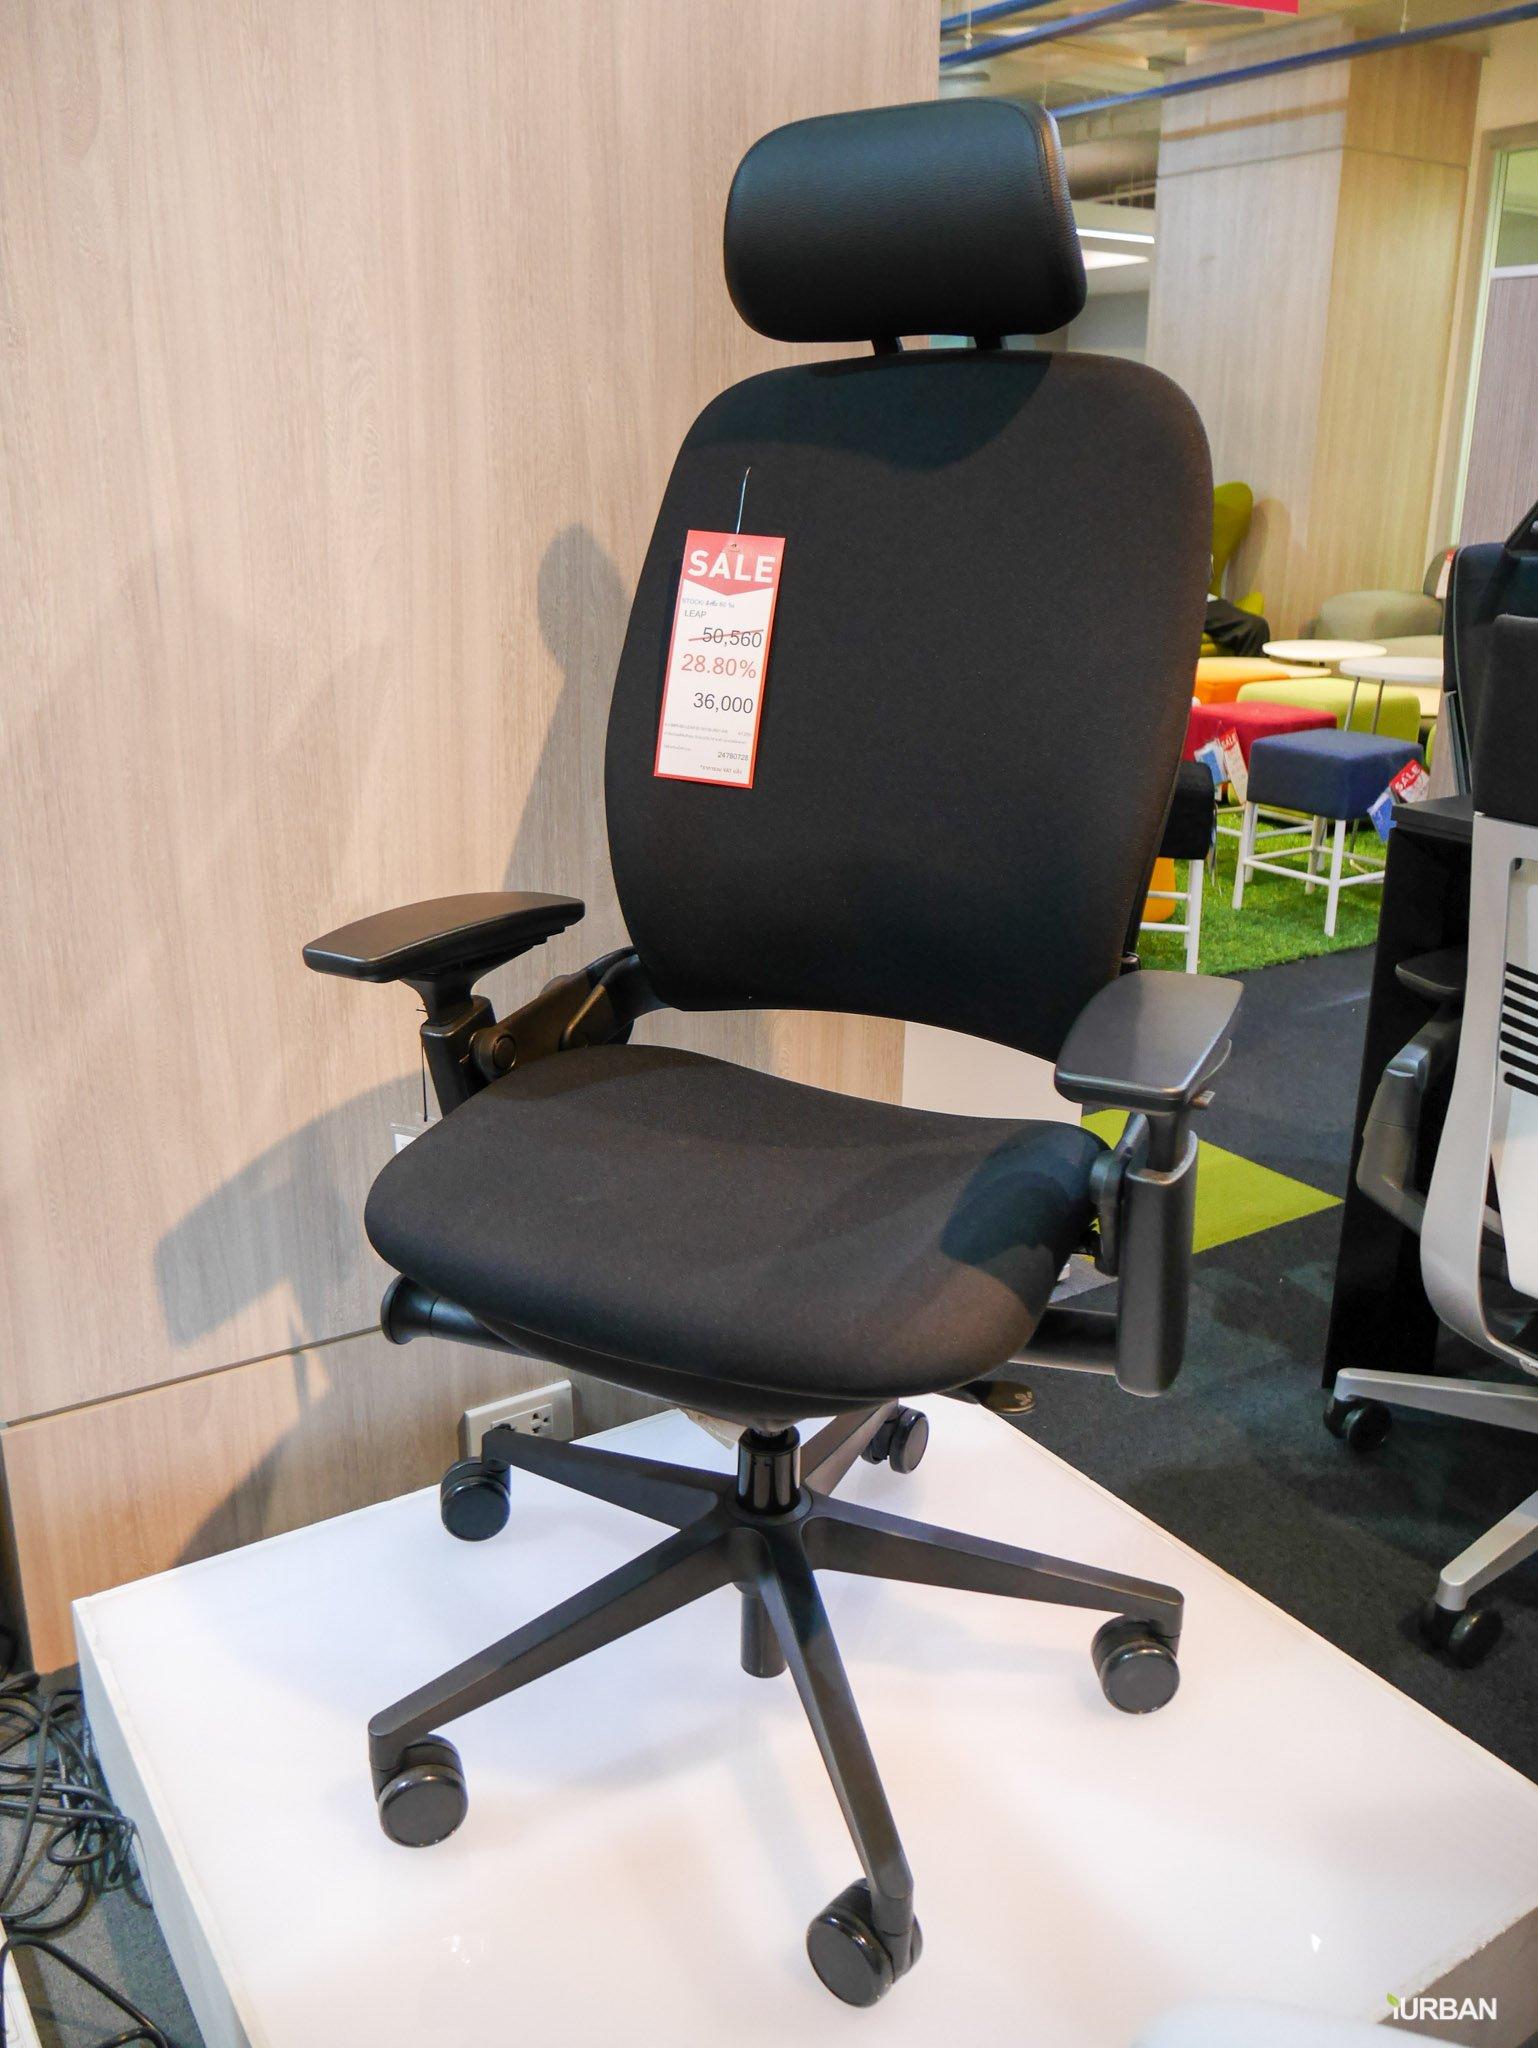 MODERNFORM THE ANNUAL SALE 2018 ลดทุกชิ้นสูงสุด 70% (10 วันเท่านั้น!) เก้าอี้ทำงานสวยเพื่อสุขภาพเพียบ!! 18 - Modernform (โมเดอร์นฟอร์ม)